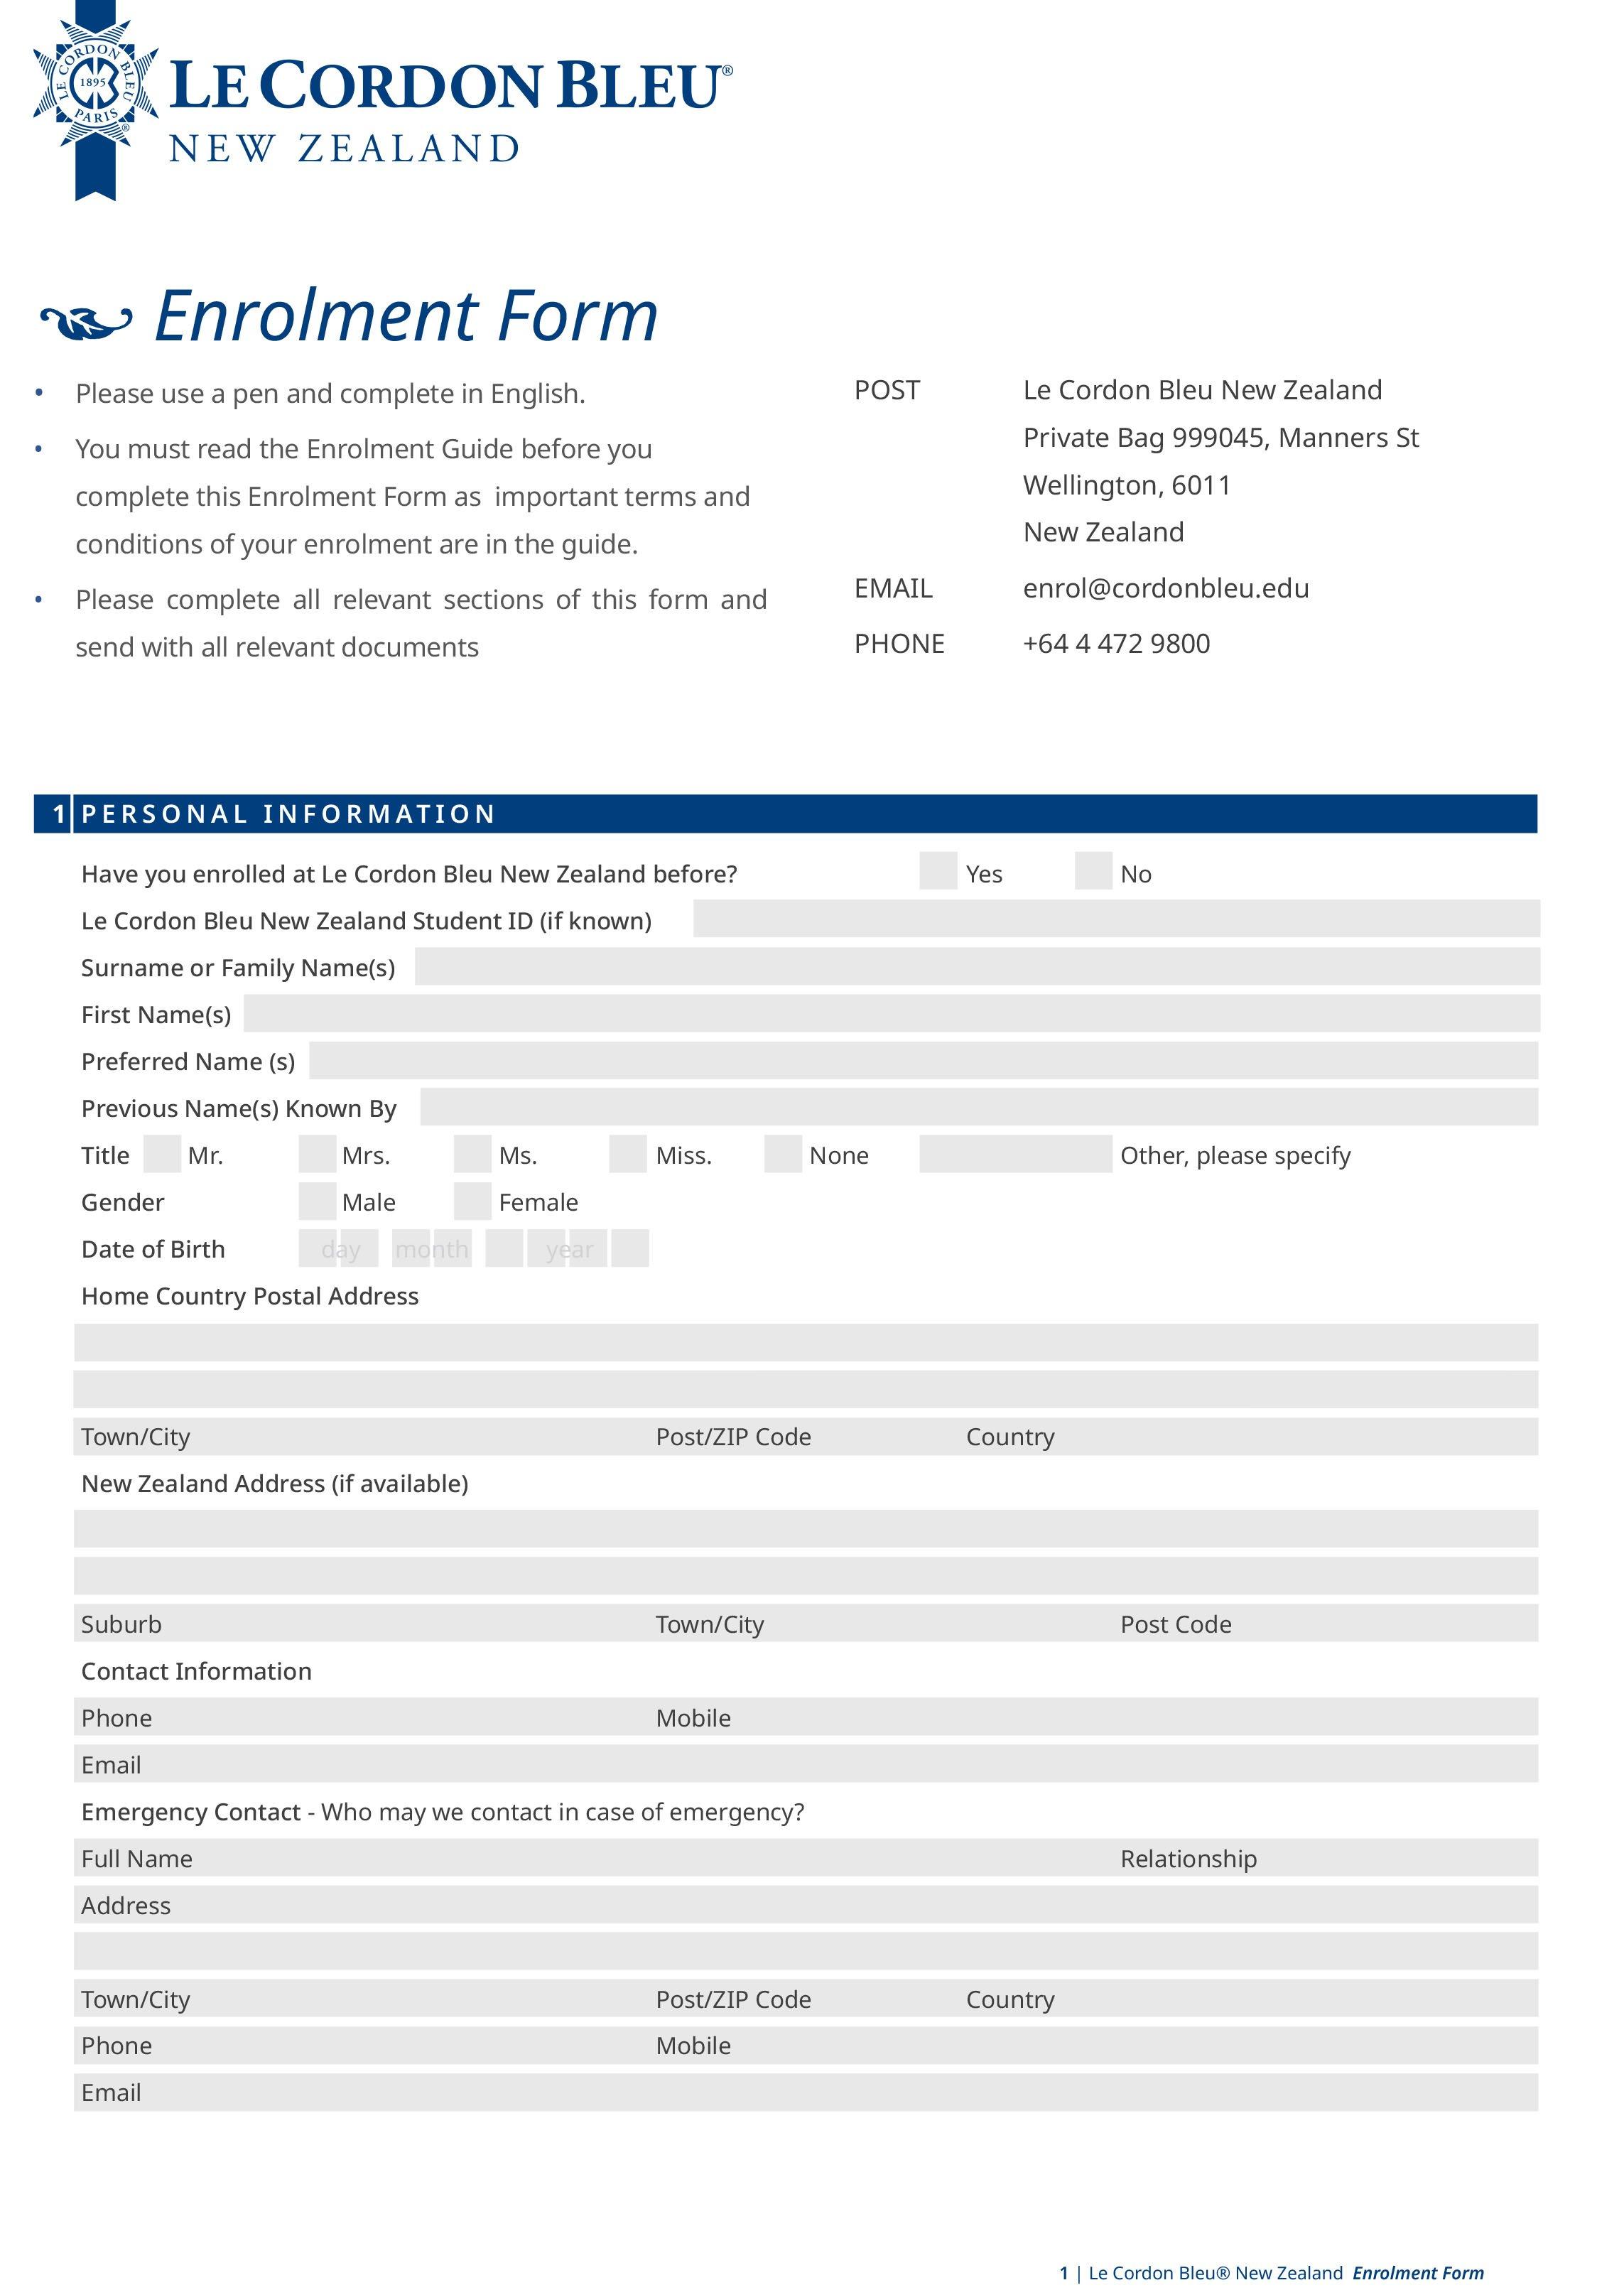 Le Cordon Bleu New Zealand Enrolment Form